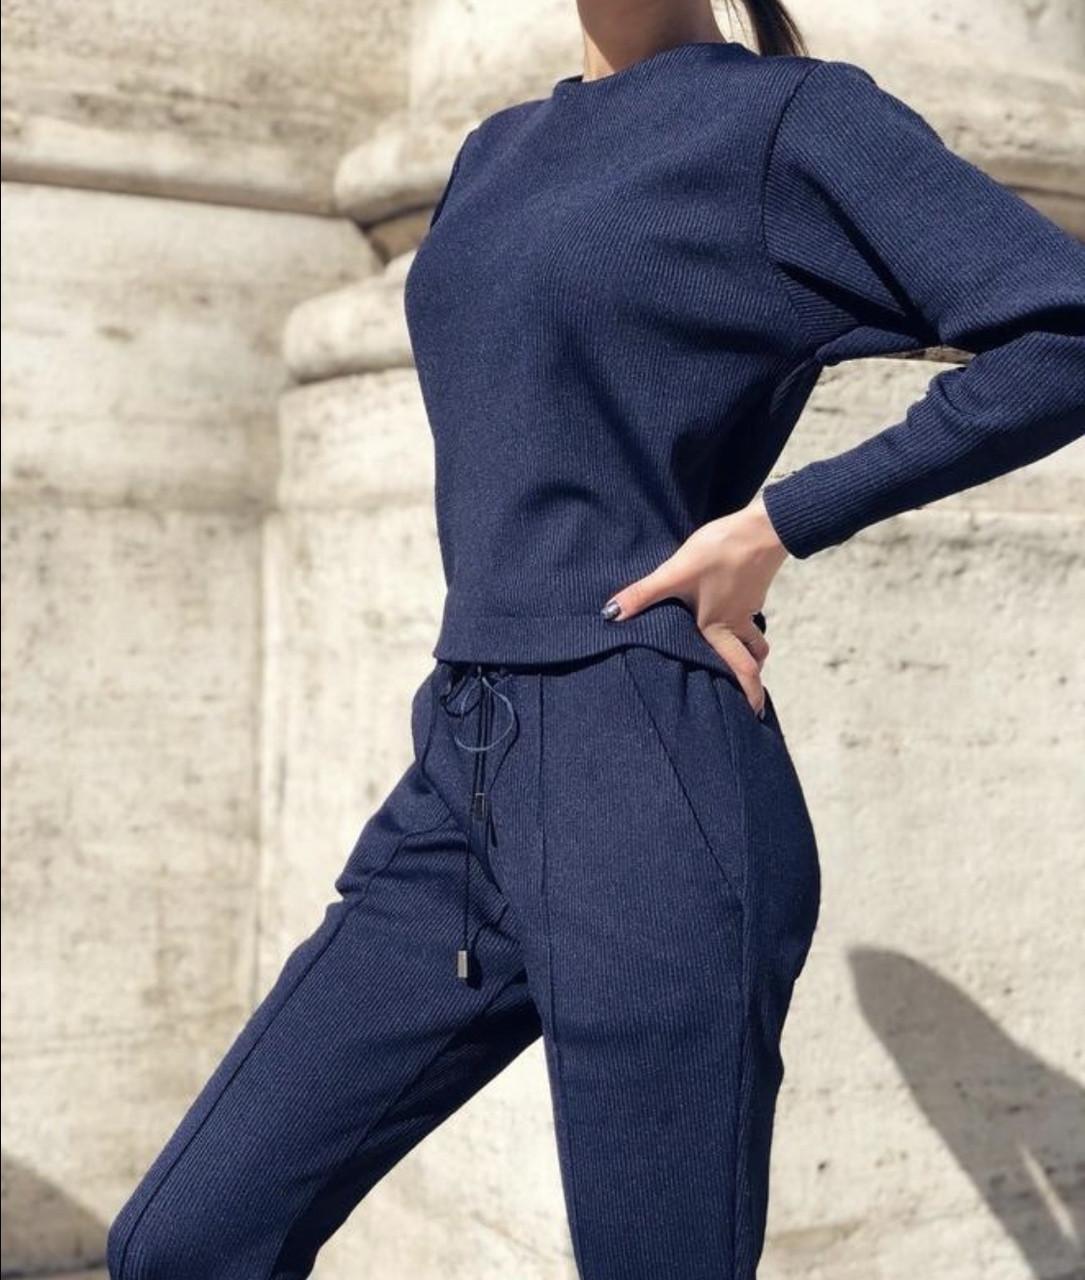 Шикарный спортивный прогулочный повседневный костюм весенний трикотажный синий